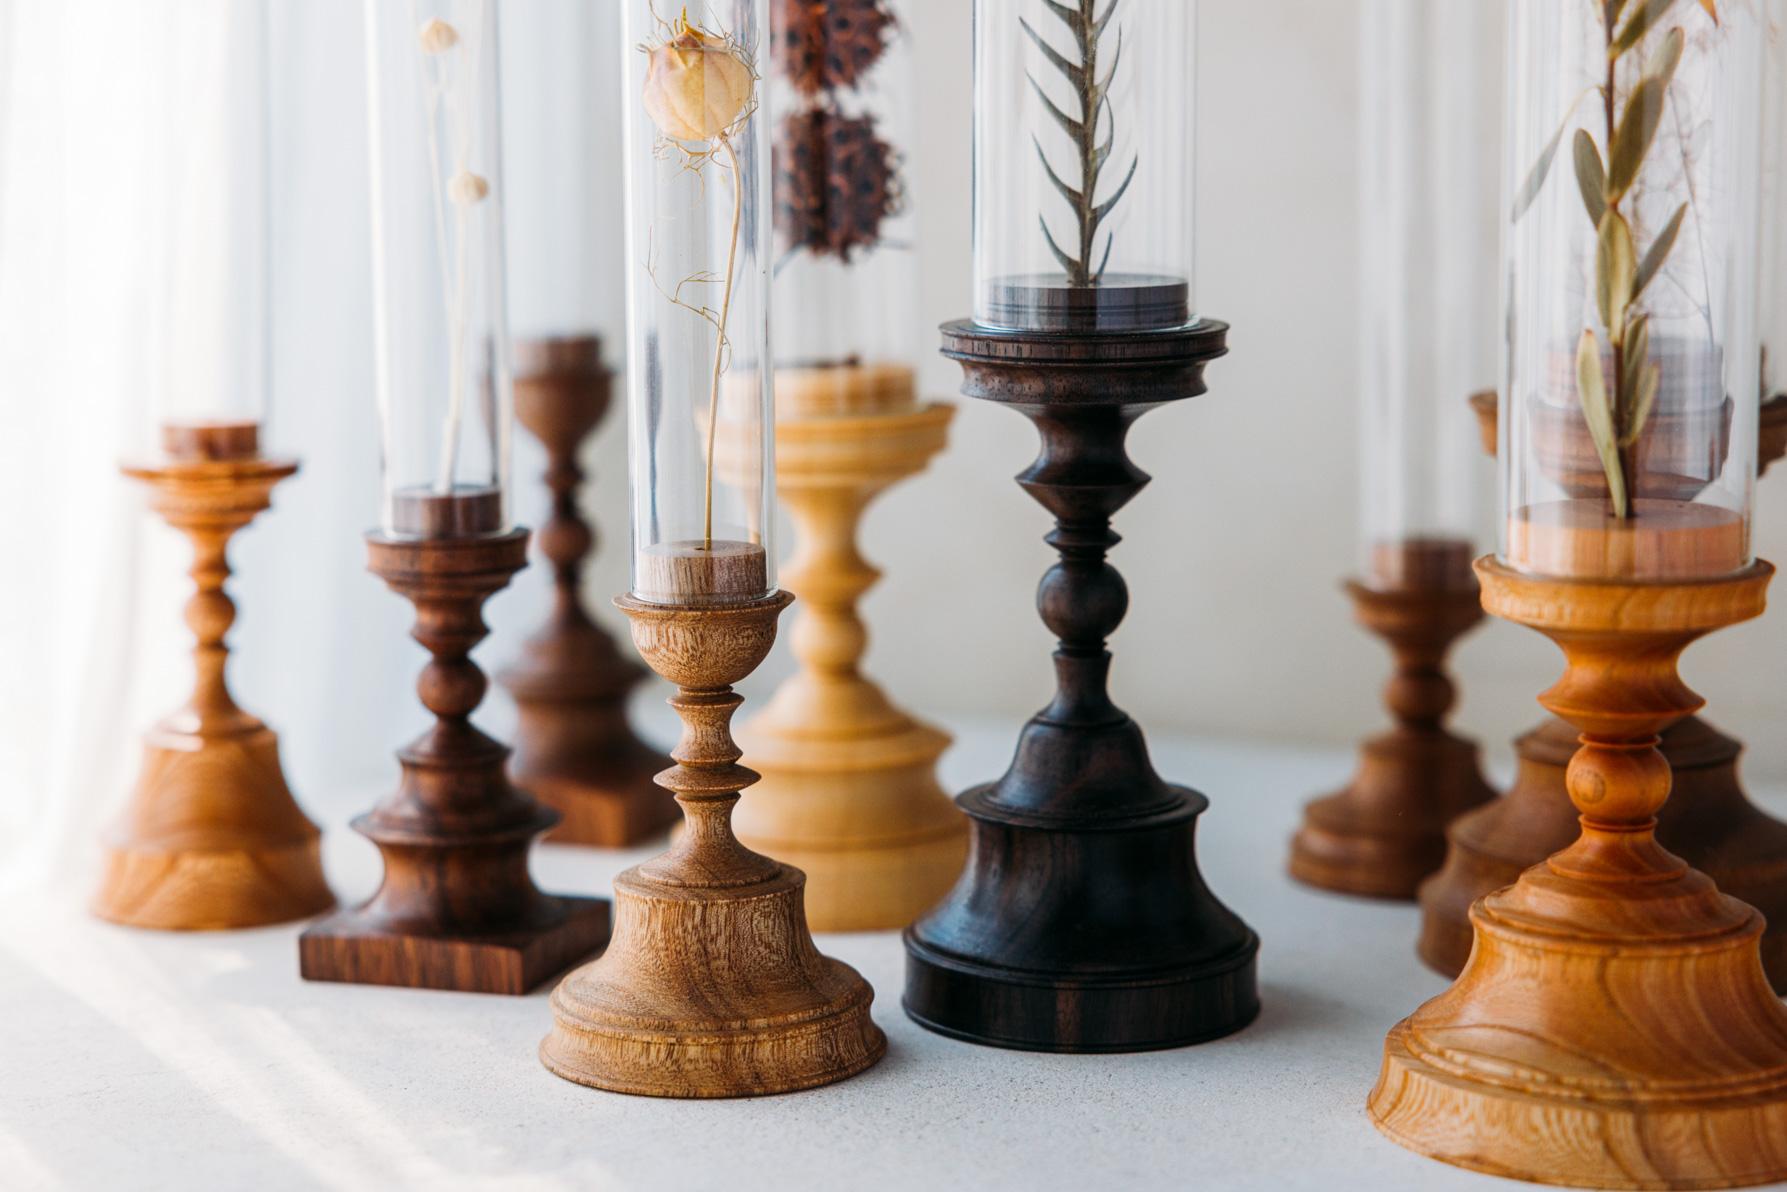 新見和也 木工 作品 通販